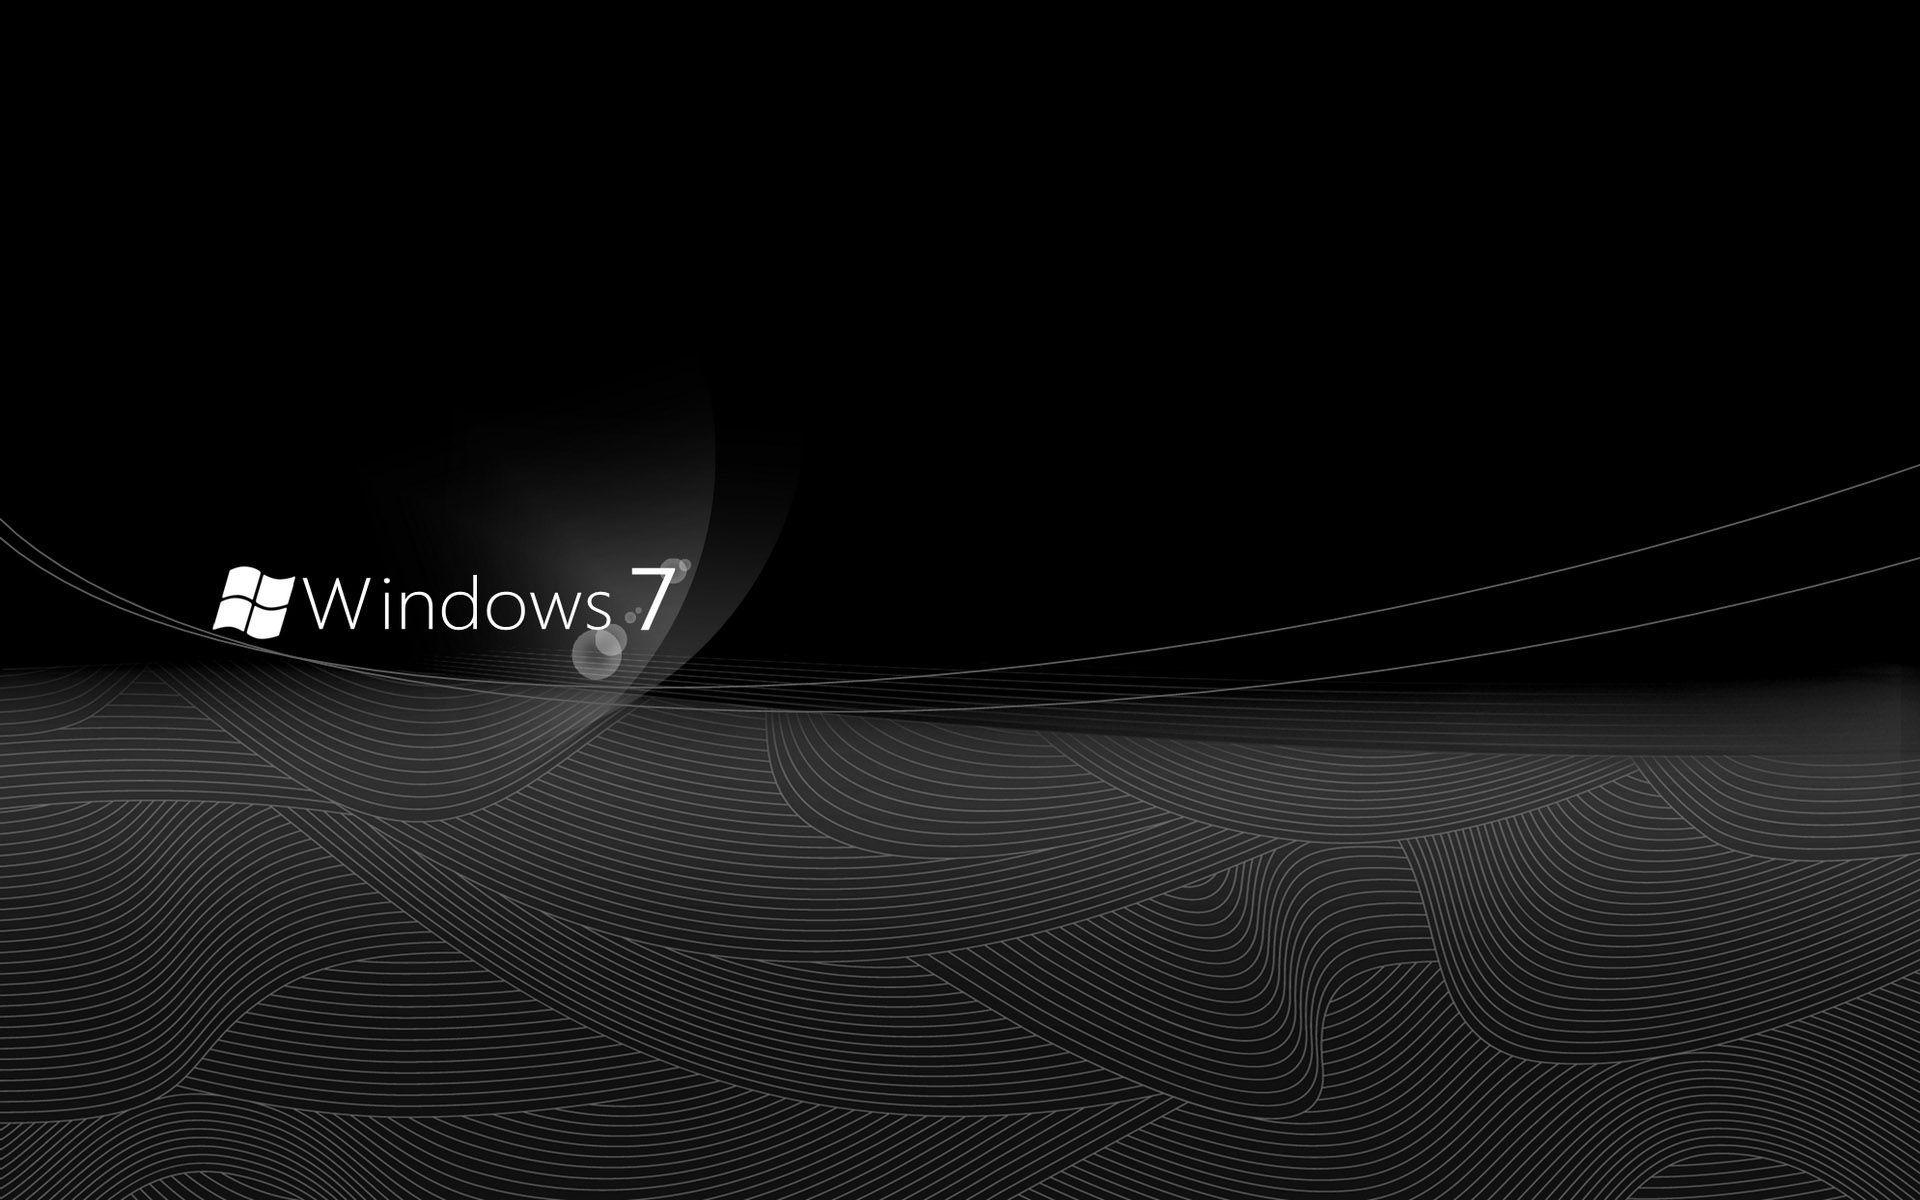 Black Windows 7 Wallpapers Hd Wallpaper 4k In 2020 Desktop Wallpapers Backgrounds Black Windows Dark Wallpaper